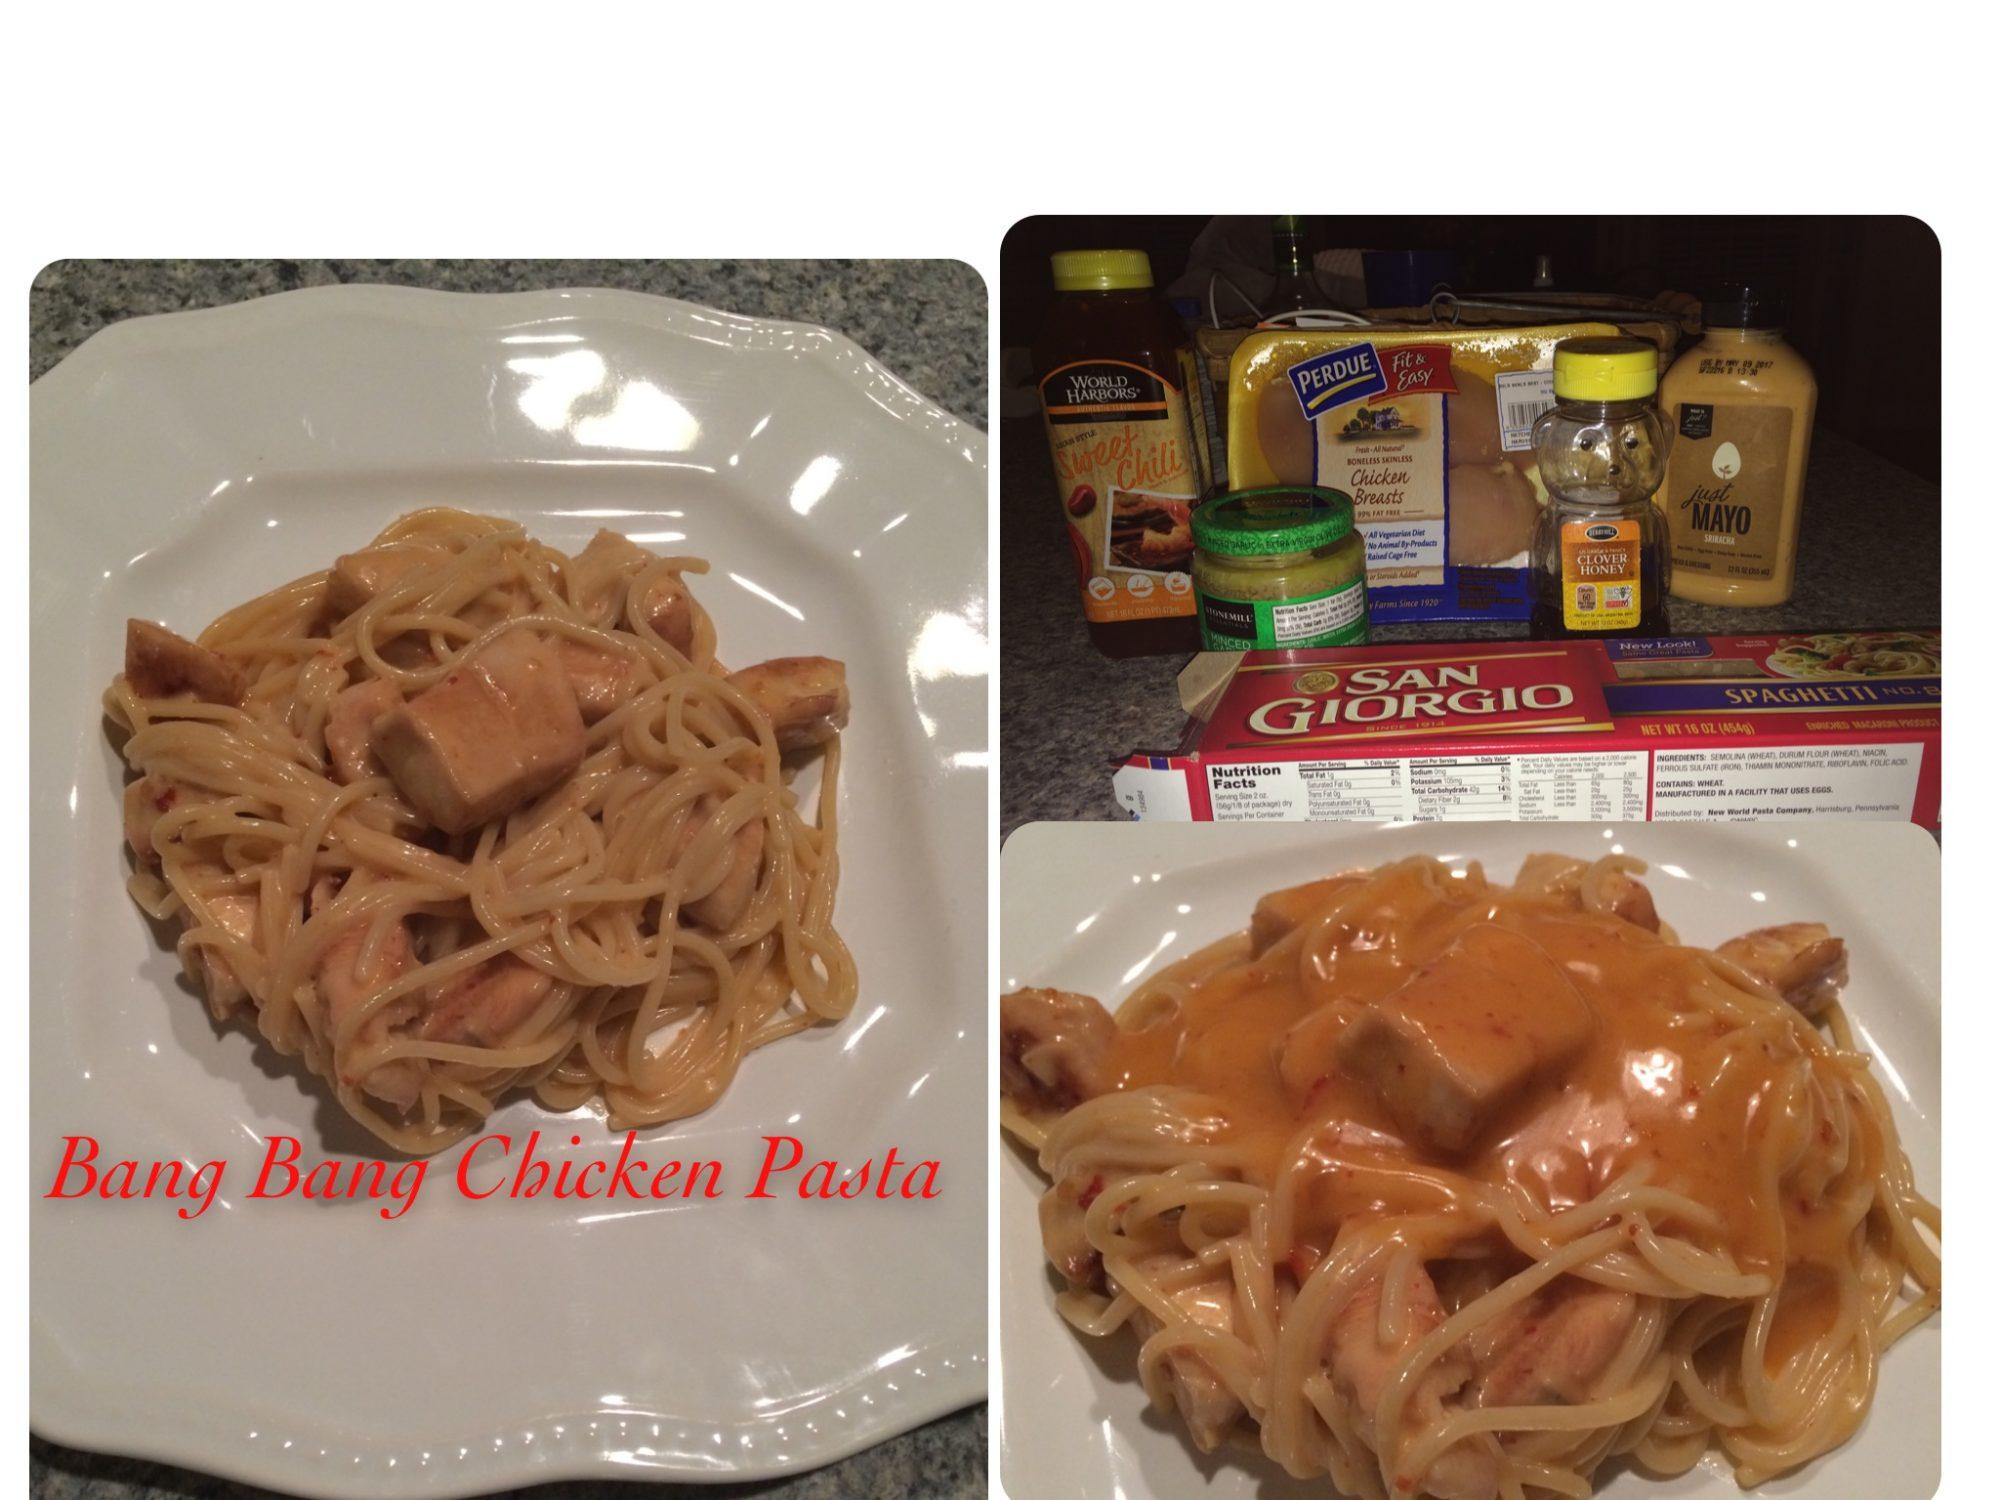 Bang bang chicken pasta dish, recipe